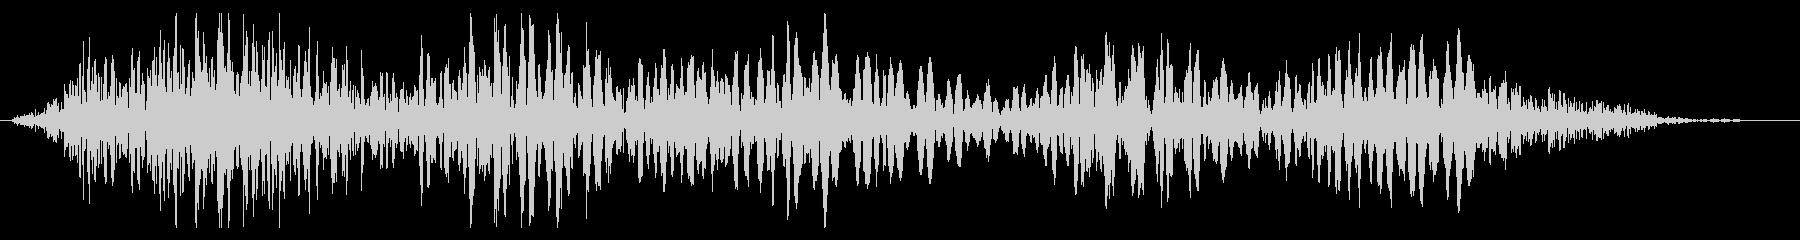 モンスター:スローローガッチュラル...の未再生の波形